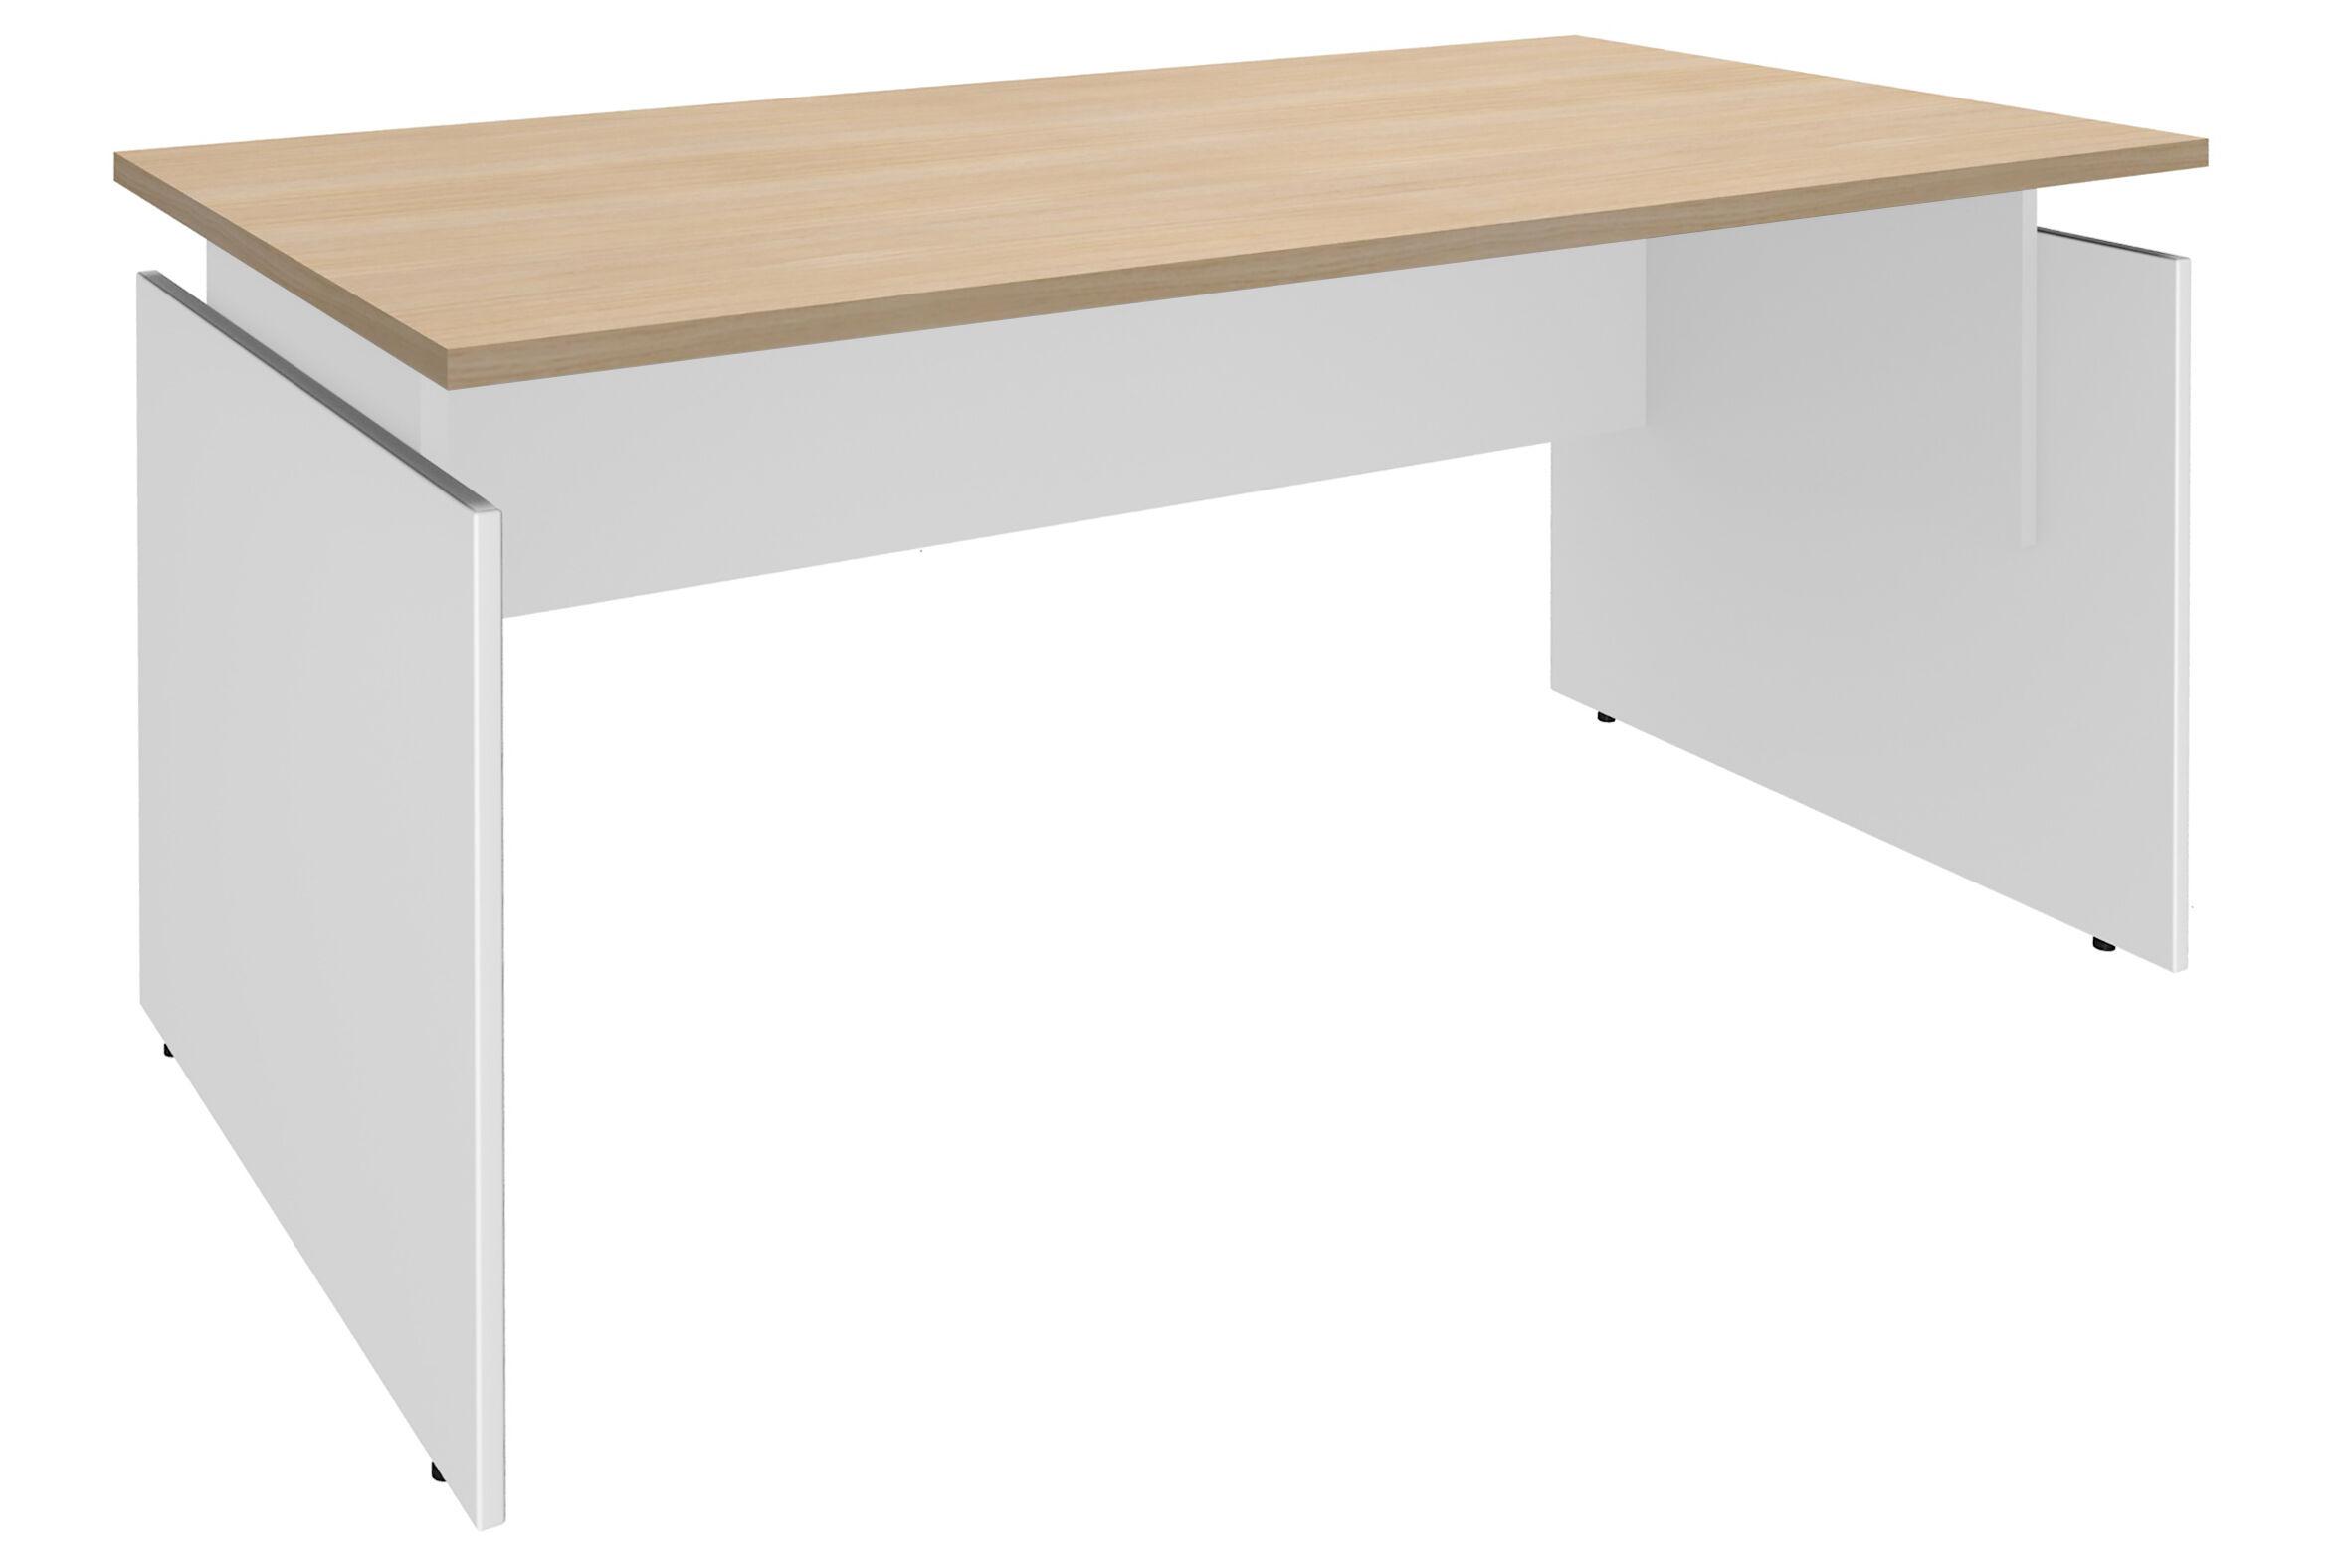 Bureau INEO - Réglable en hauteur - L120 x H74/78/82 x P80 cm - Pieds blanc - plateau imitation chêne clair - Entretoise Blanc